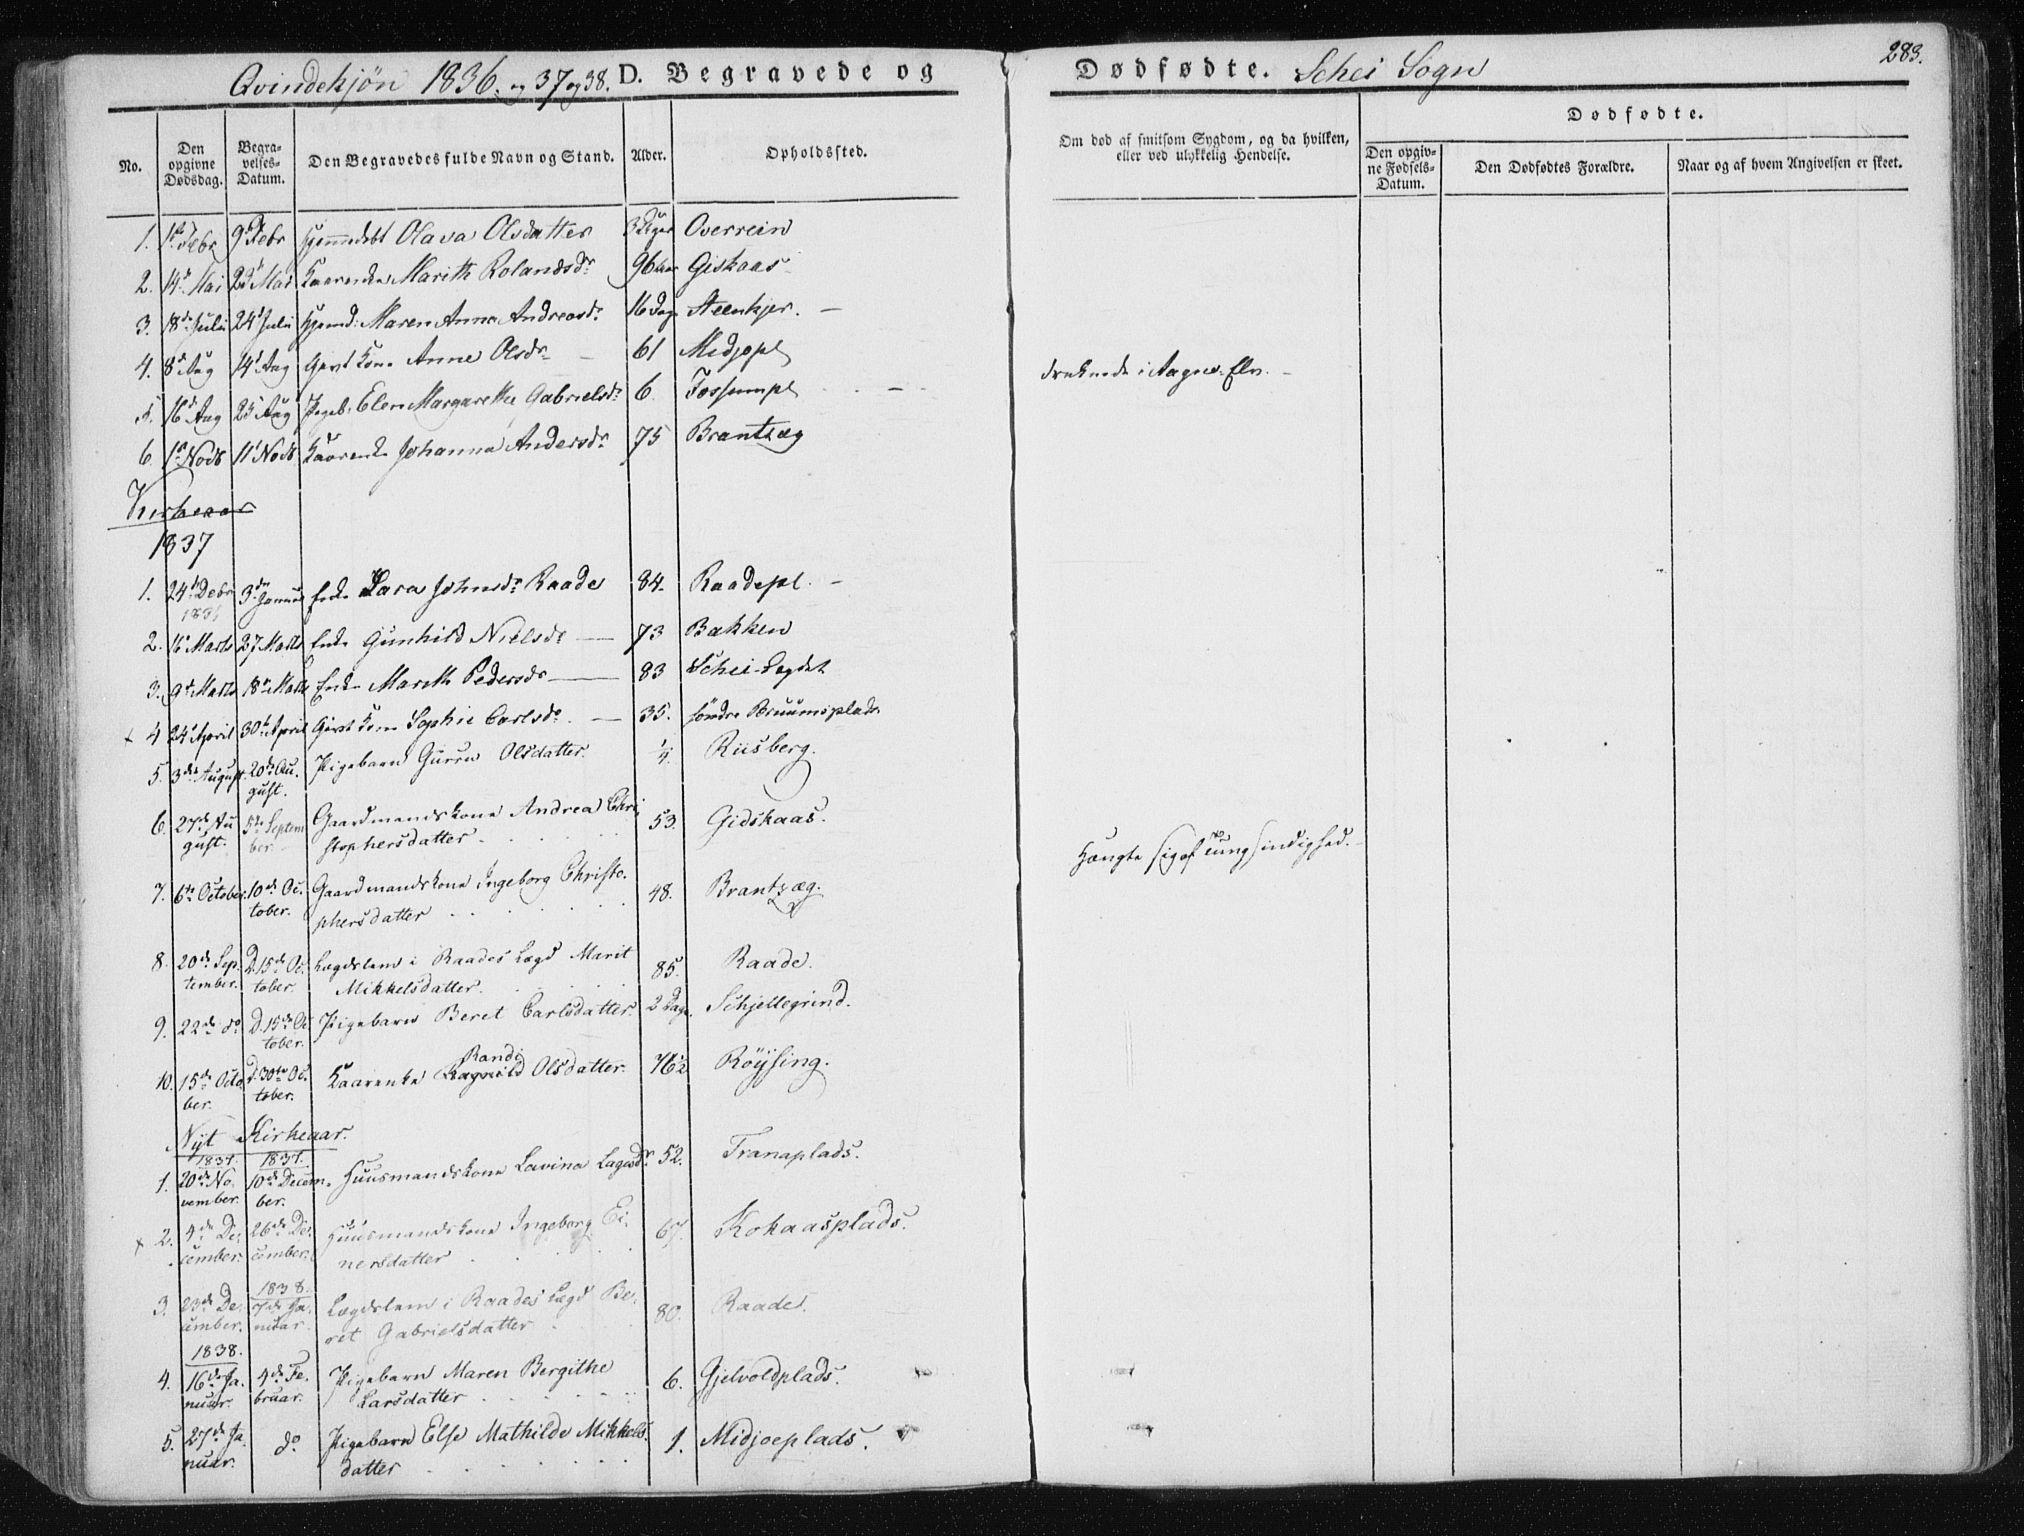 SAT, Ministerialprotokoller, klokkerbøker og fødselsregistre - Nord-Trøndelag, 735/L0339: Ministerialbok nr. 735A06 /2, 1836-1848, s. 283